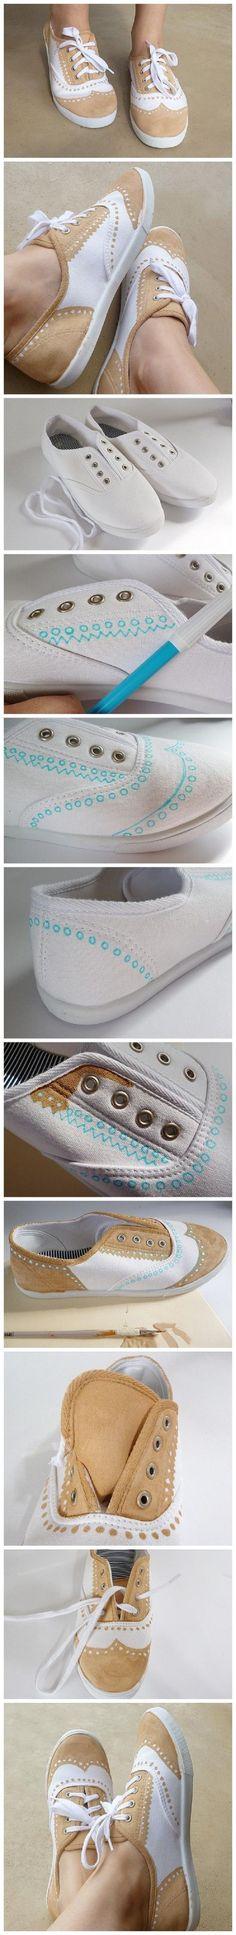 Nu ben jij de designer! Geef de sneakers voor jouw moeder een personal touch. Ga aan de slag met textiel stiften en maak zelf de leukste designs voor je moeder